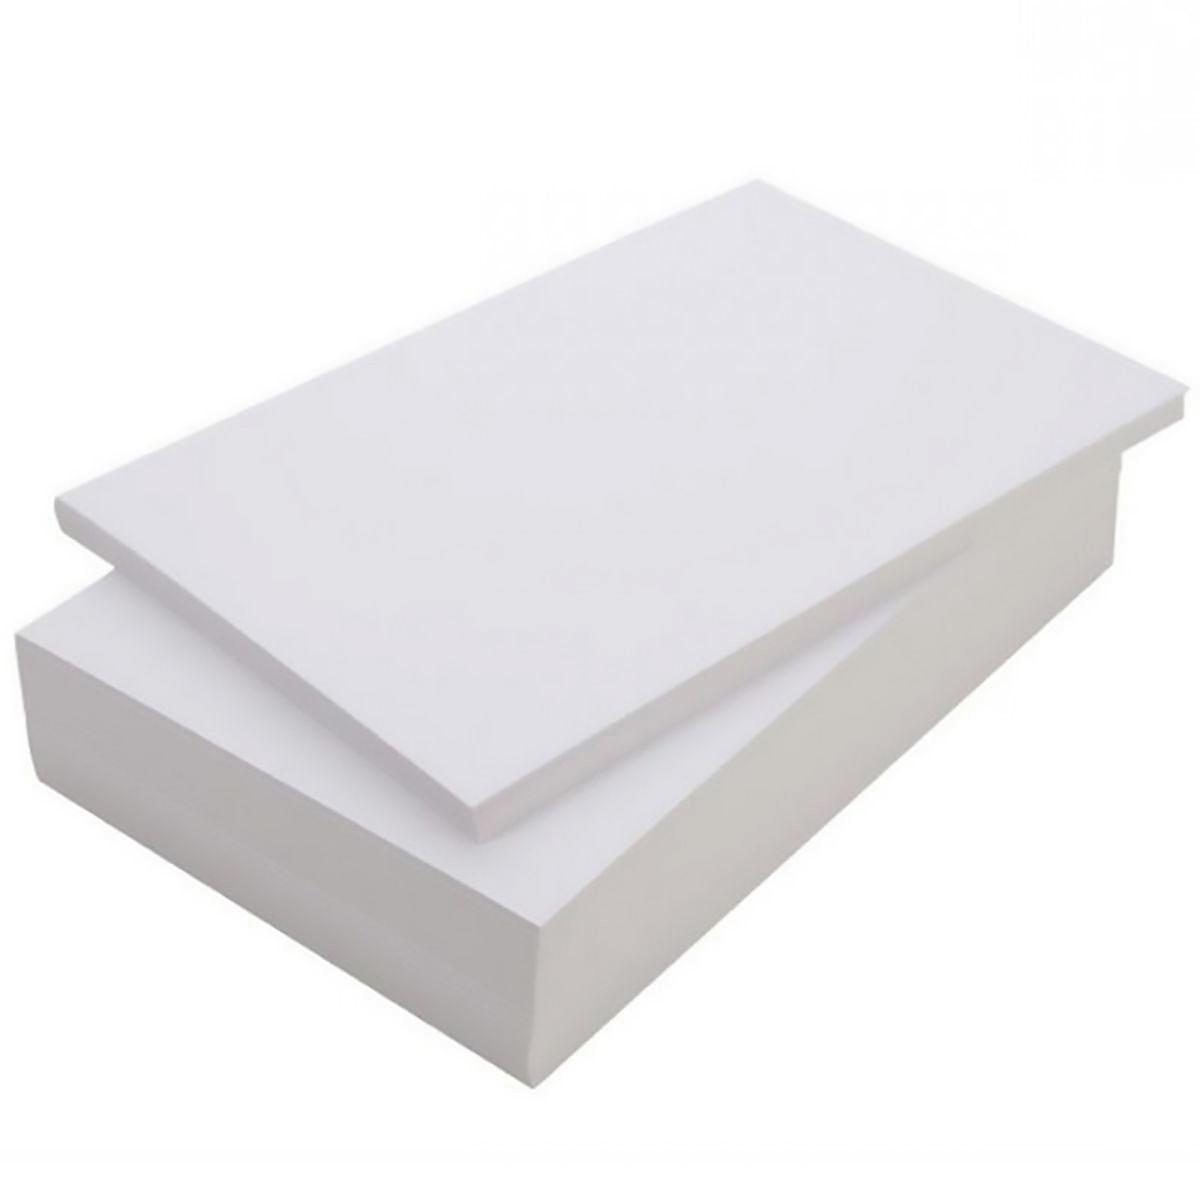 Papel Foto Adesivo Matte Fosco 108g A4 Branco Resistente à Água / 100 folhas